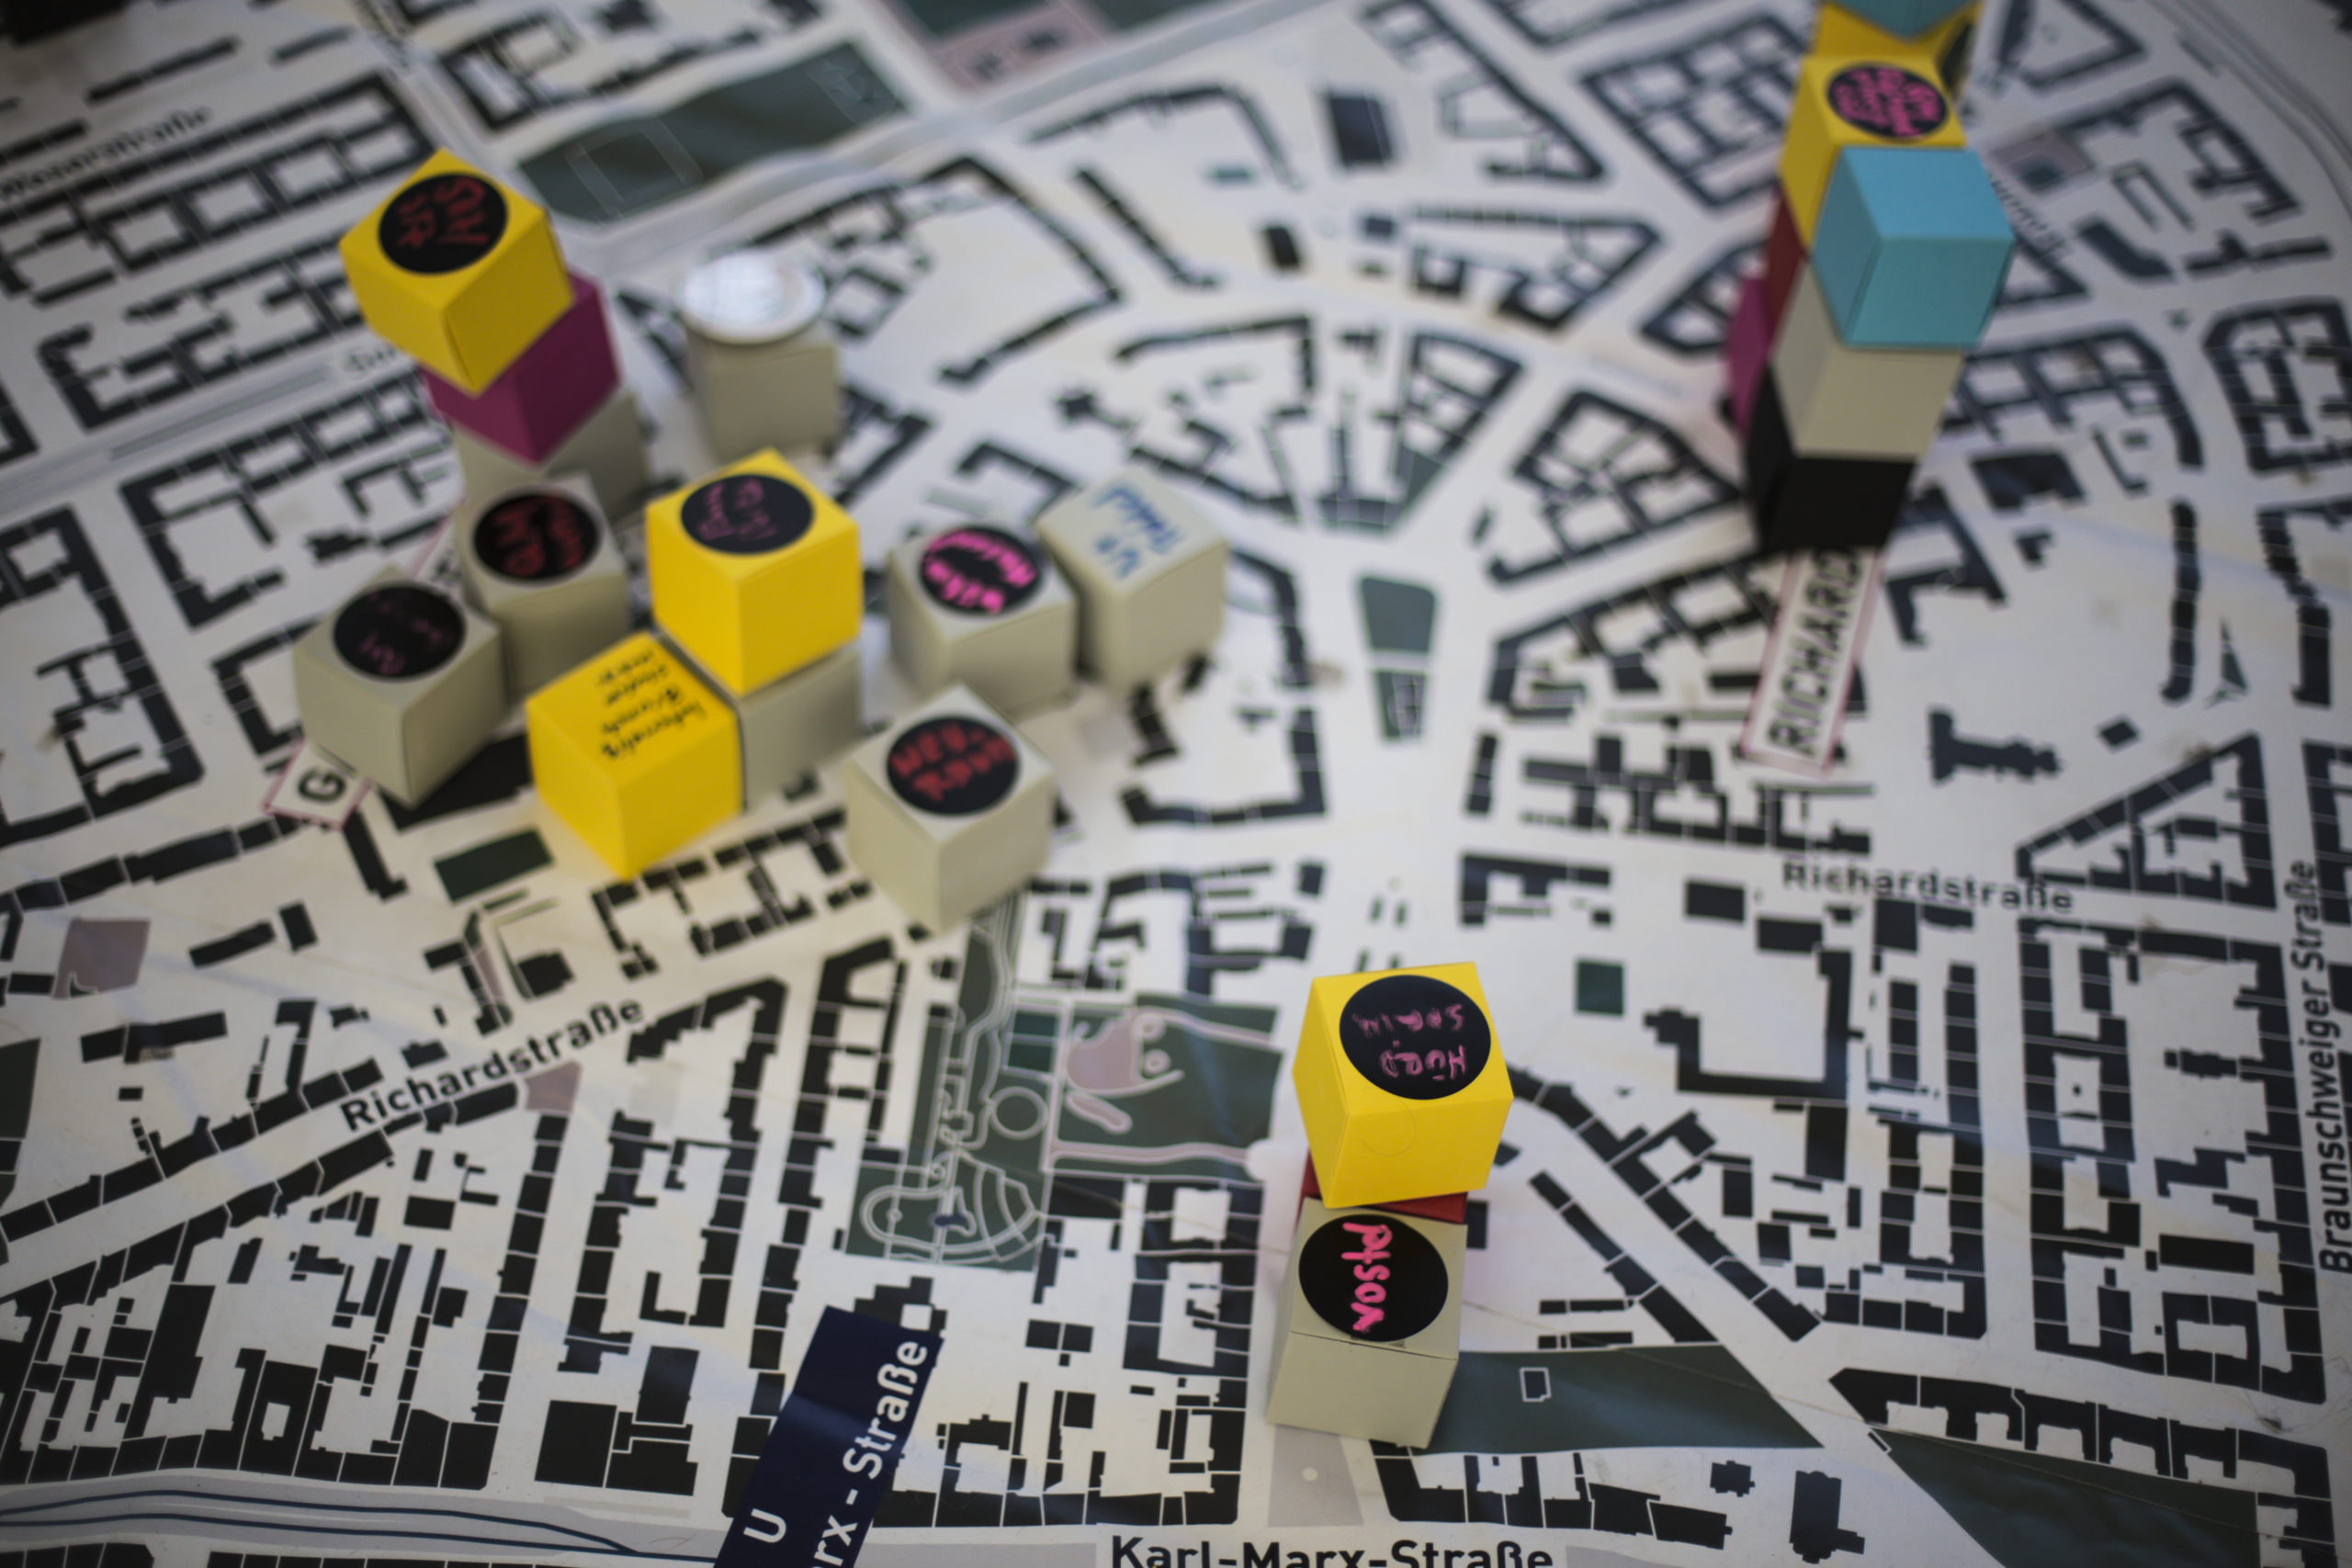 Stadtplan mit bunten beschrifteten Holzbausteinen als Symbol für Bürger*innenbeteiligung in Neukölln